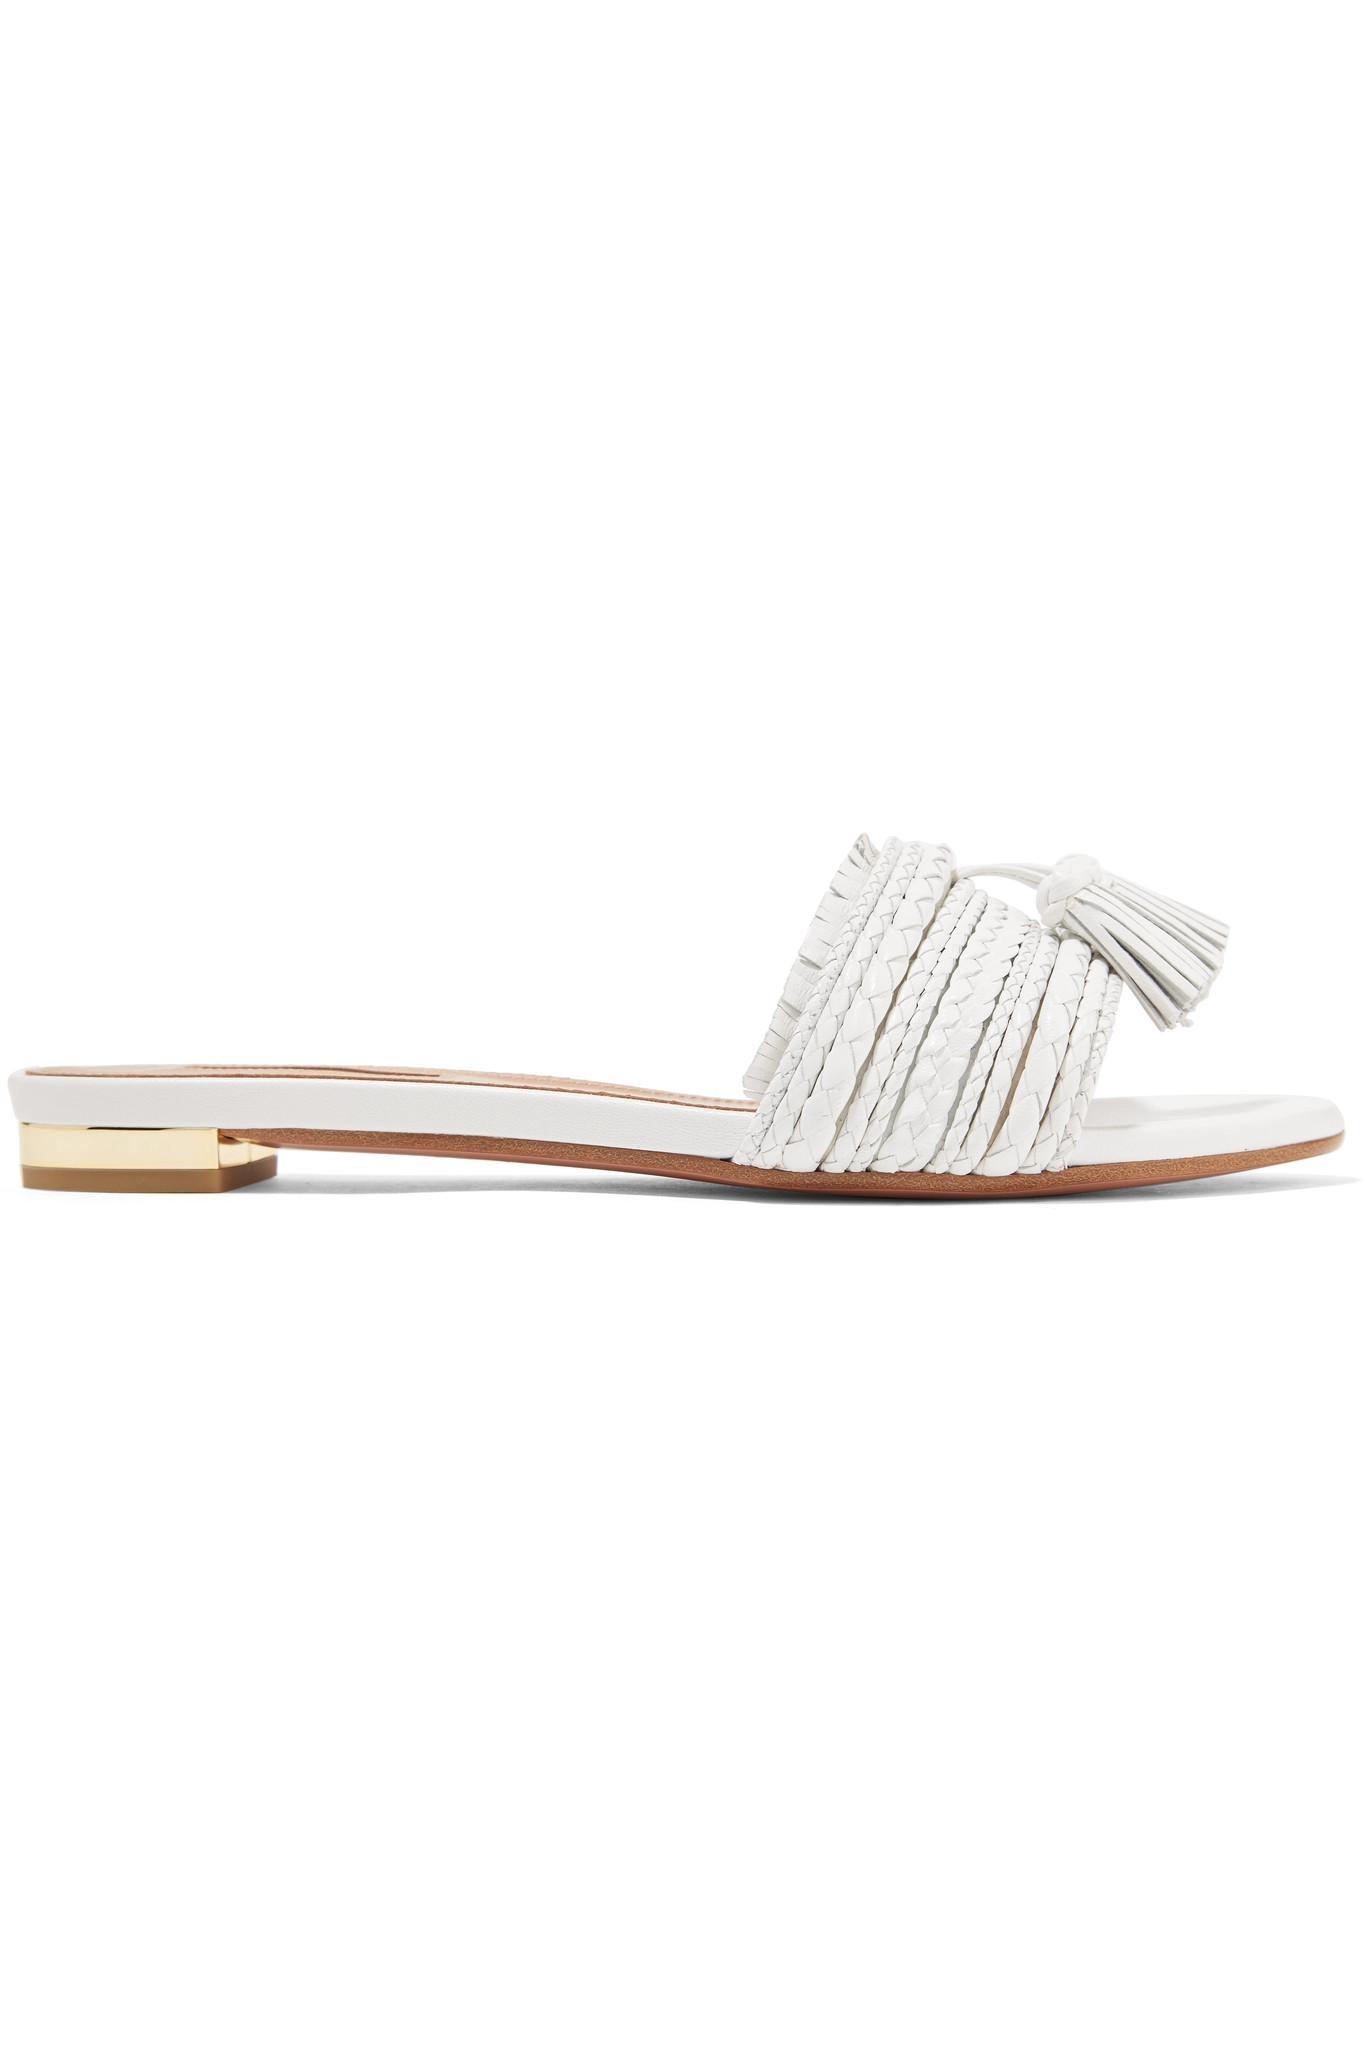 Sandales En Cuir Tressé à Houppes Sauvage - BlancAquazzura y9sWz